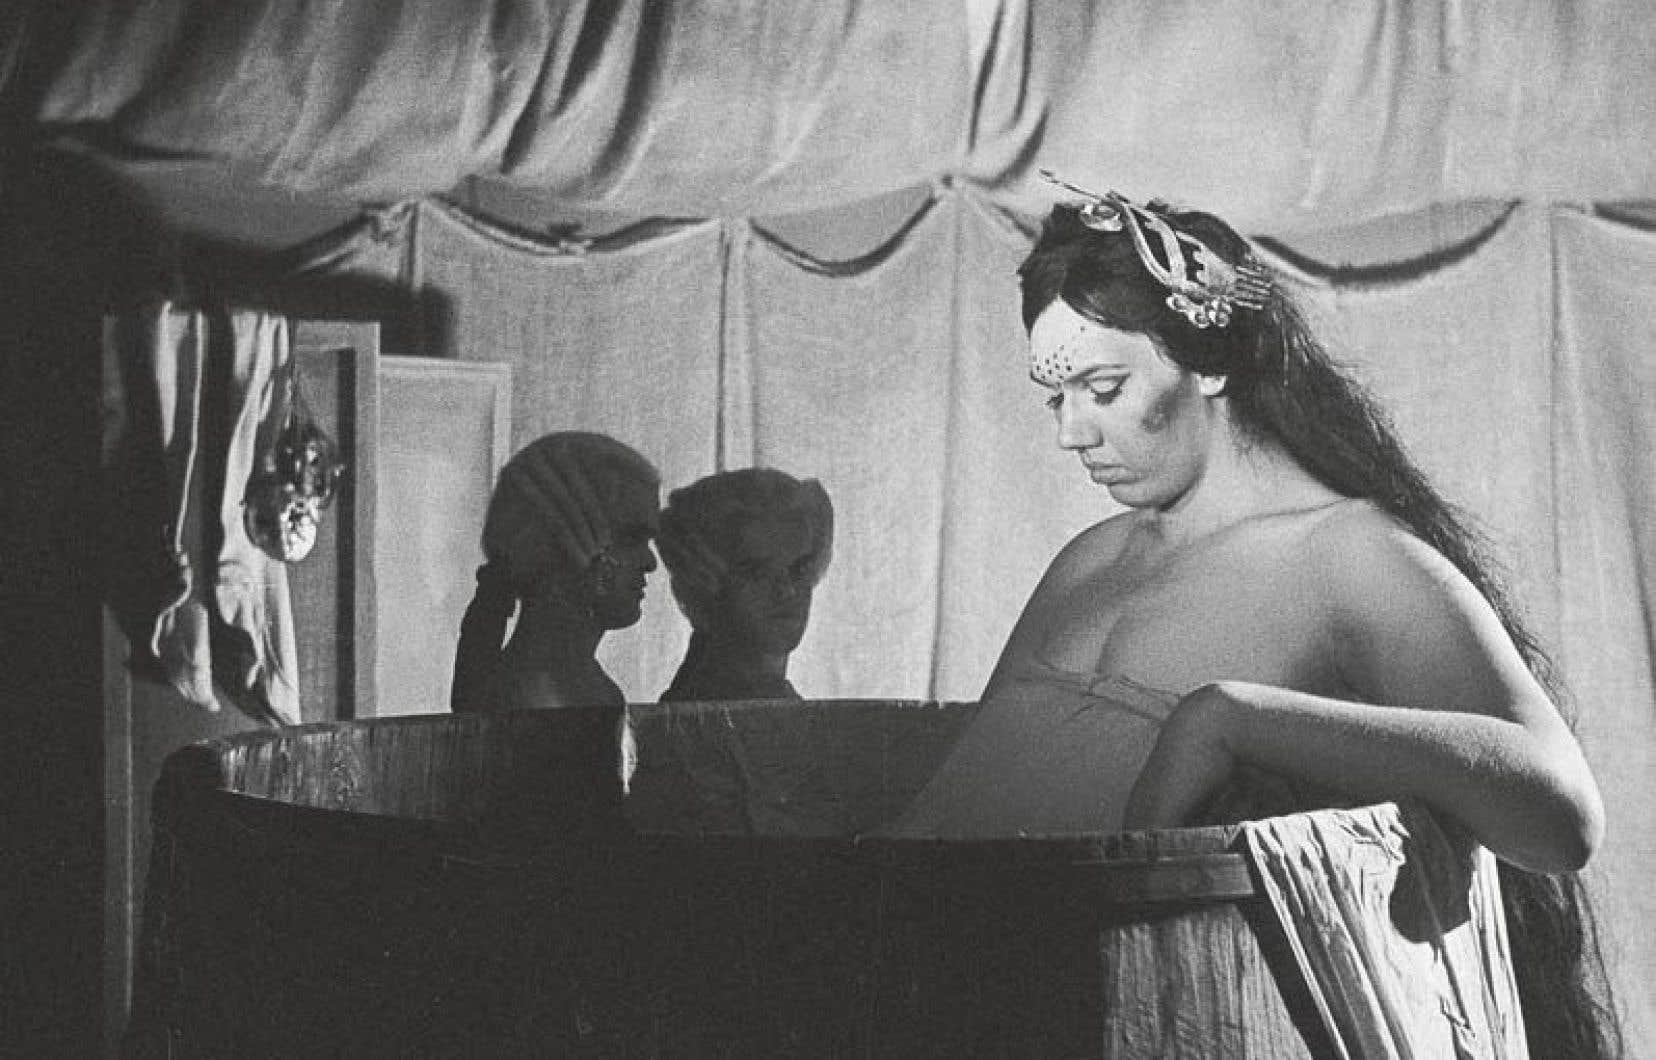 De curiosité de quartier à star du «Casanova» de Fellini, Sandy Allen est restreinte au regard des autres, à la pitié et à la fascination.